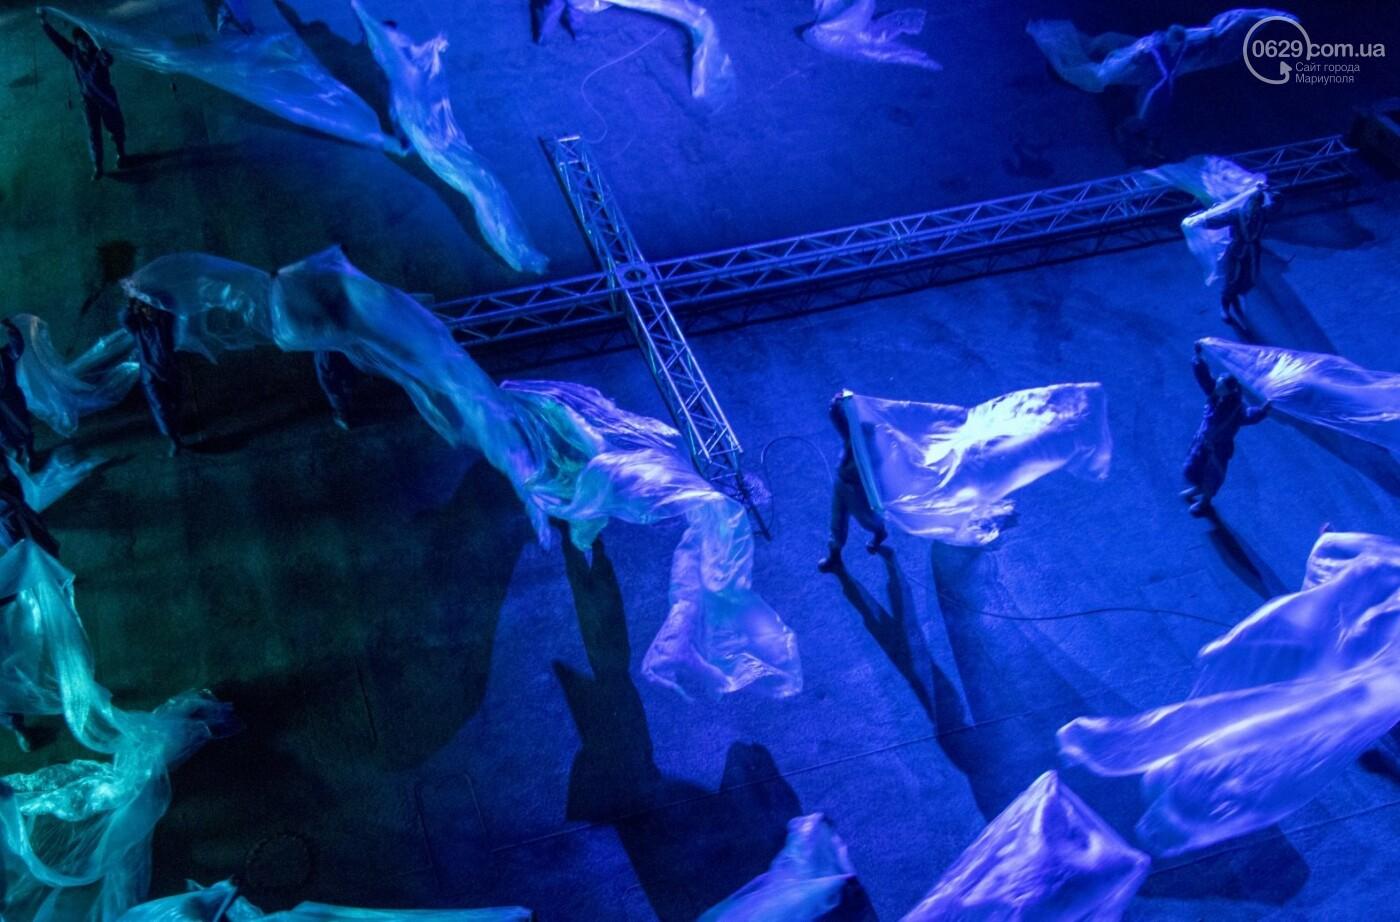 """Гранд-опера """"Νερό"""":  Как мариупольцы """"уходили под воду  и возрождались""""  на  Азовском судоремонтном заводе,- ФОТО, ВИДЕО , фото-5"""